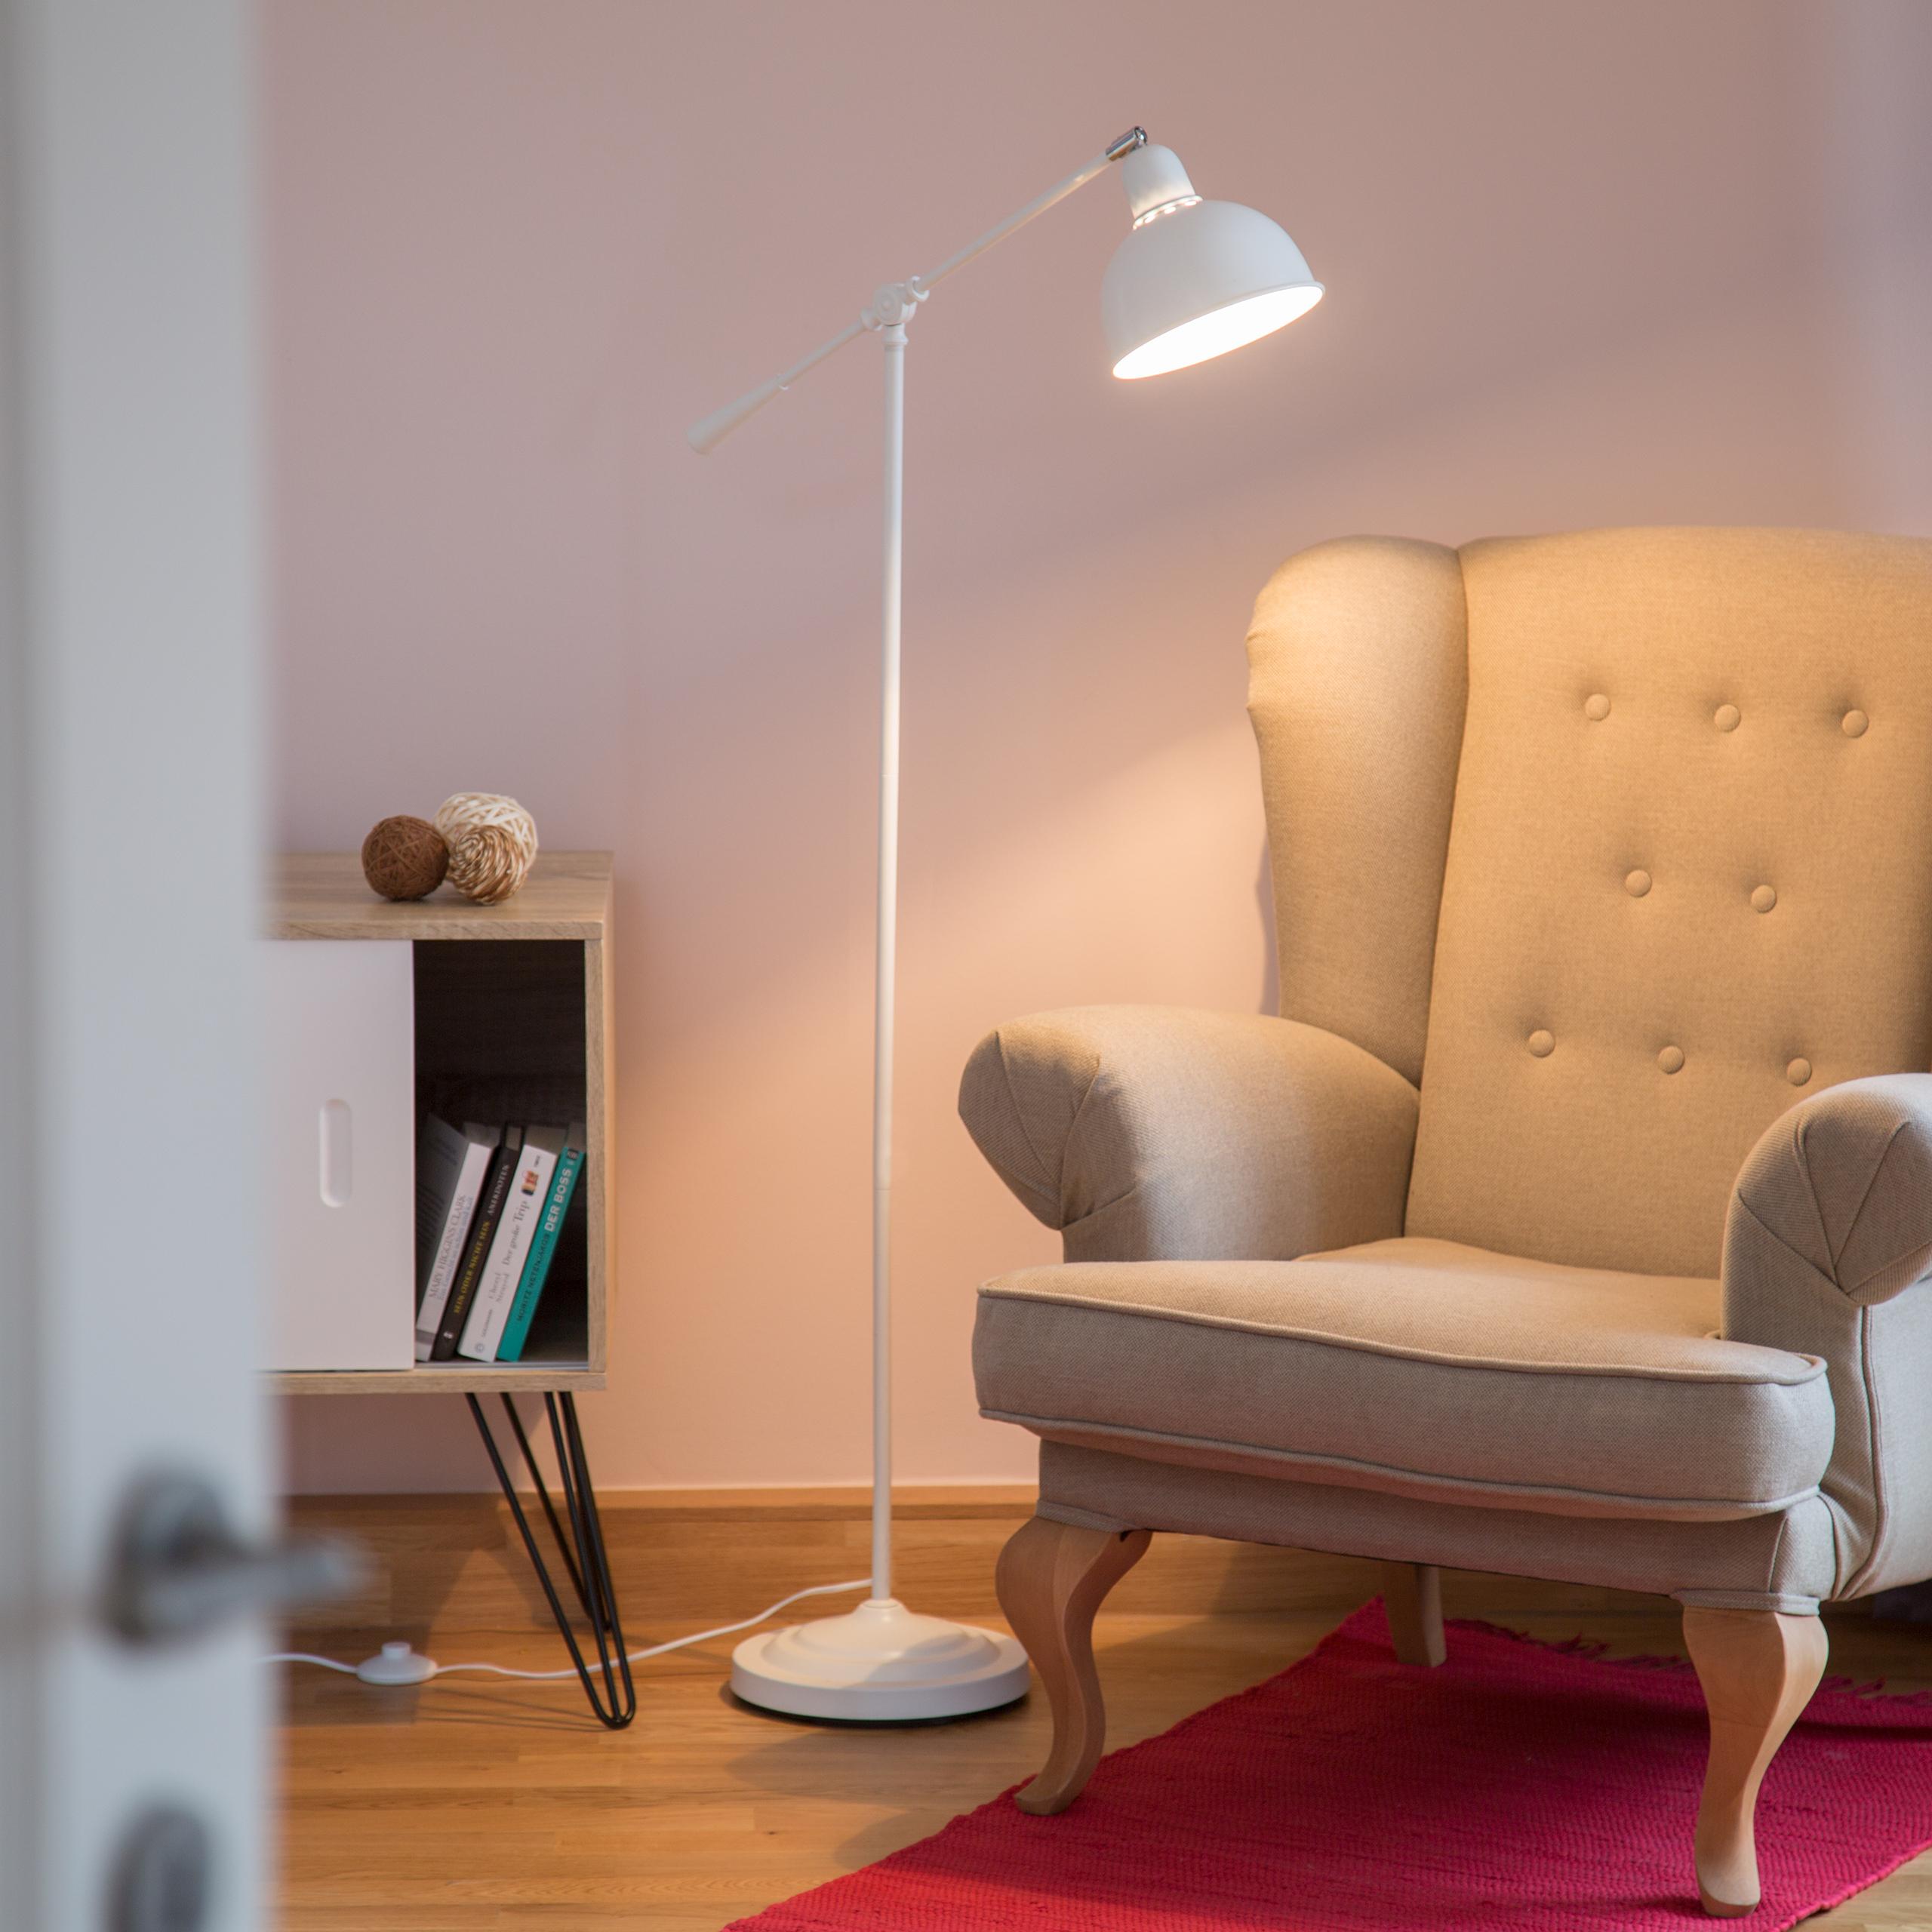 Gelenk-Stehlampe groß Retro Deckenfluter Schwenkarm Leselampe verstellbar